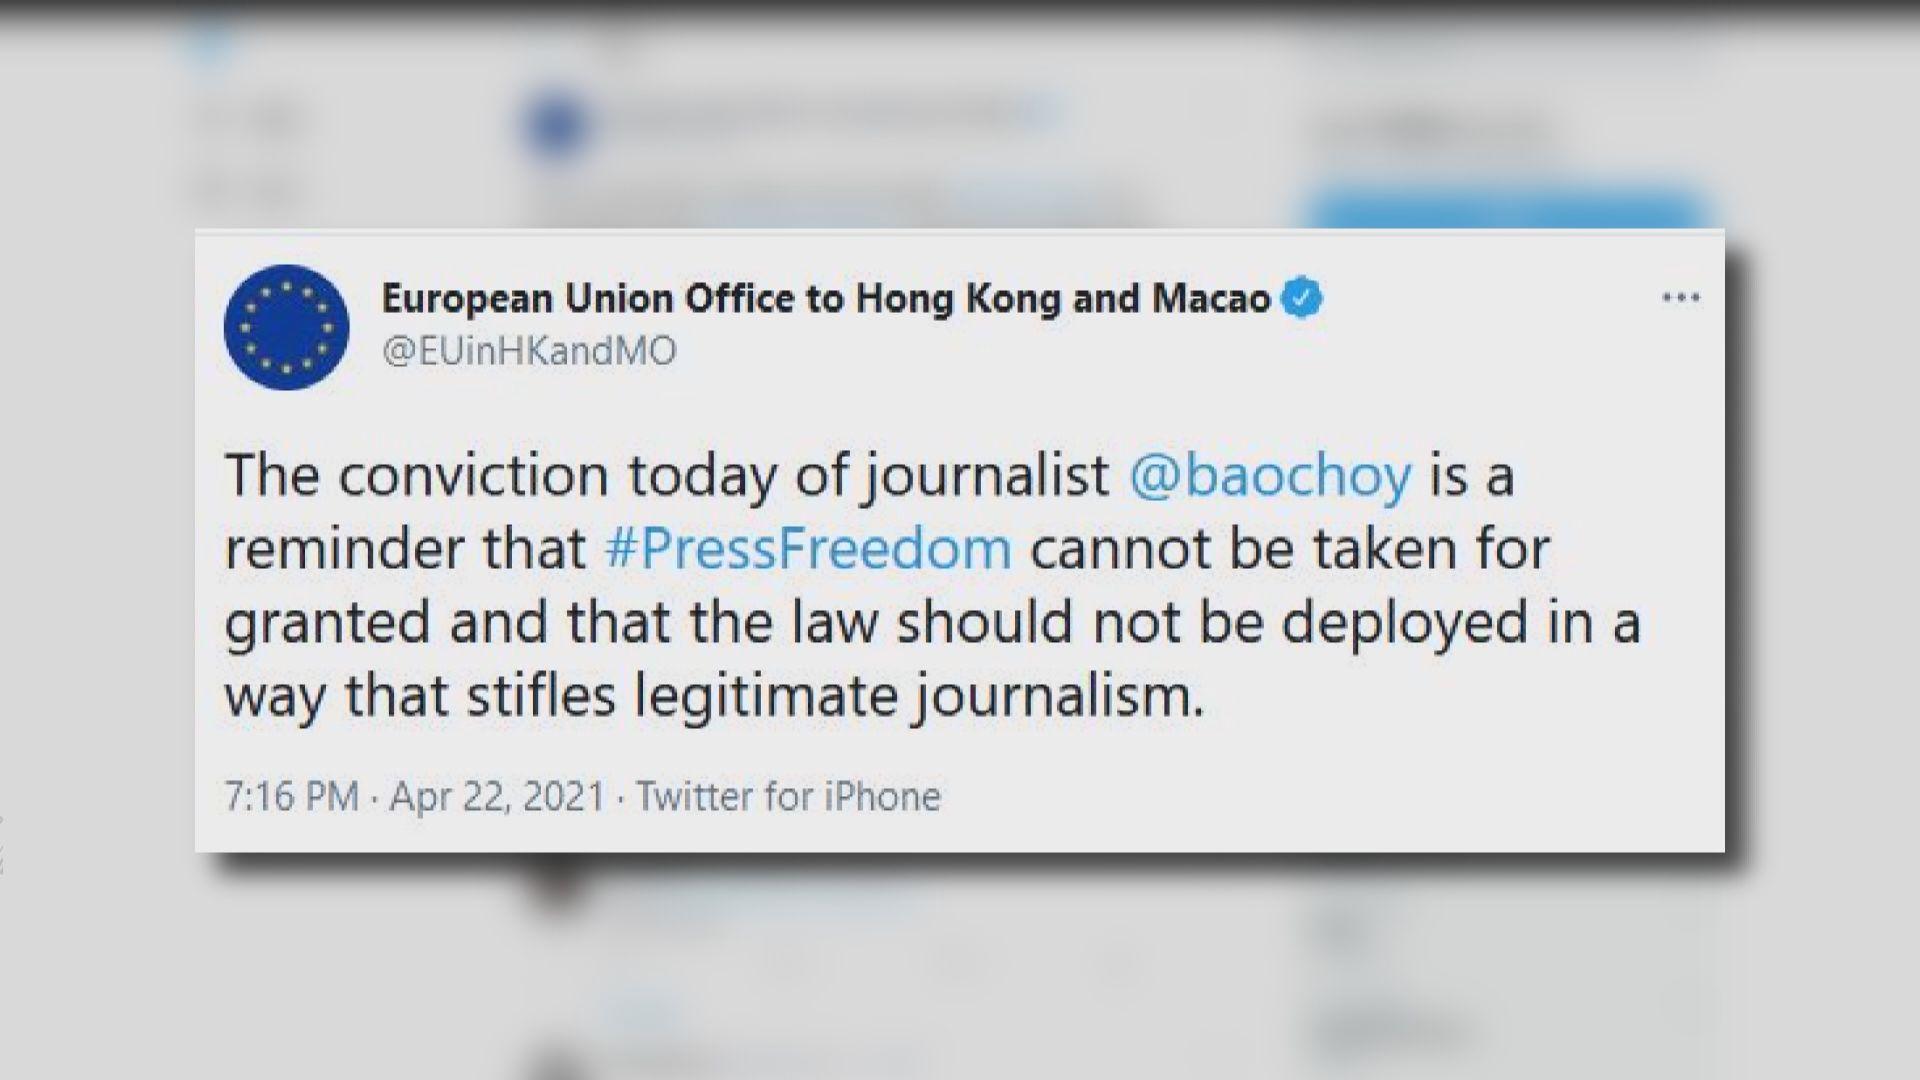 歐盟:蔡玉玲案提醒新聞自由並非理所當然